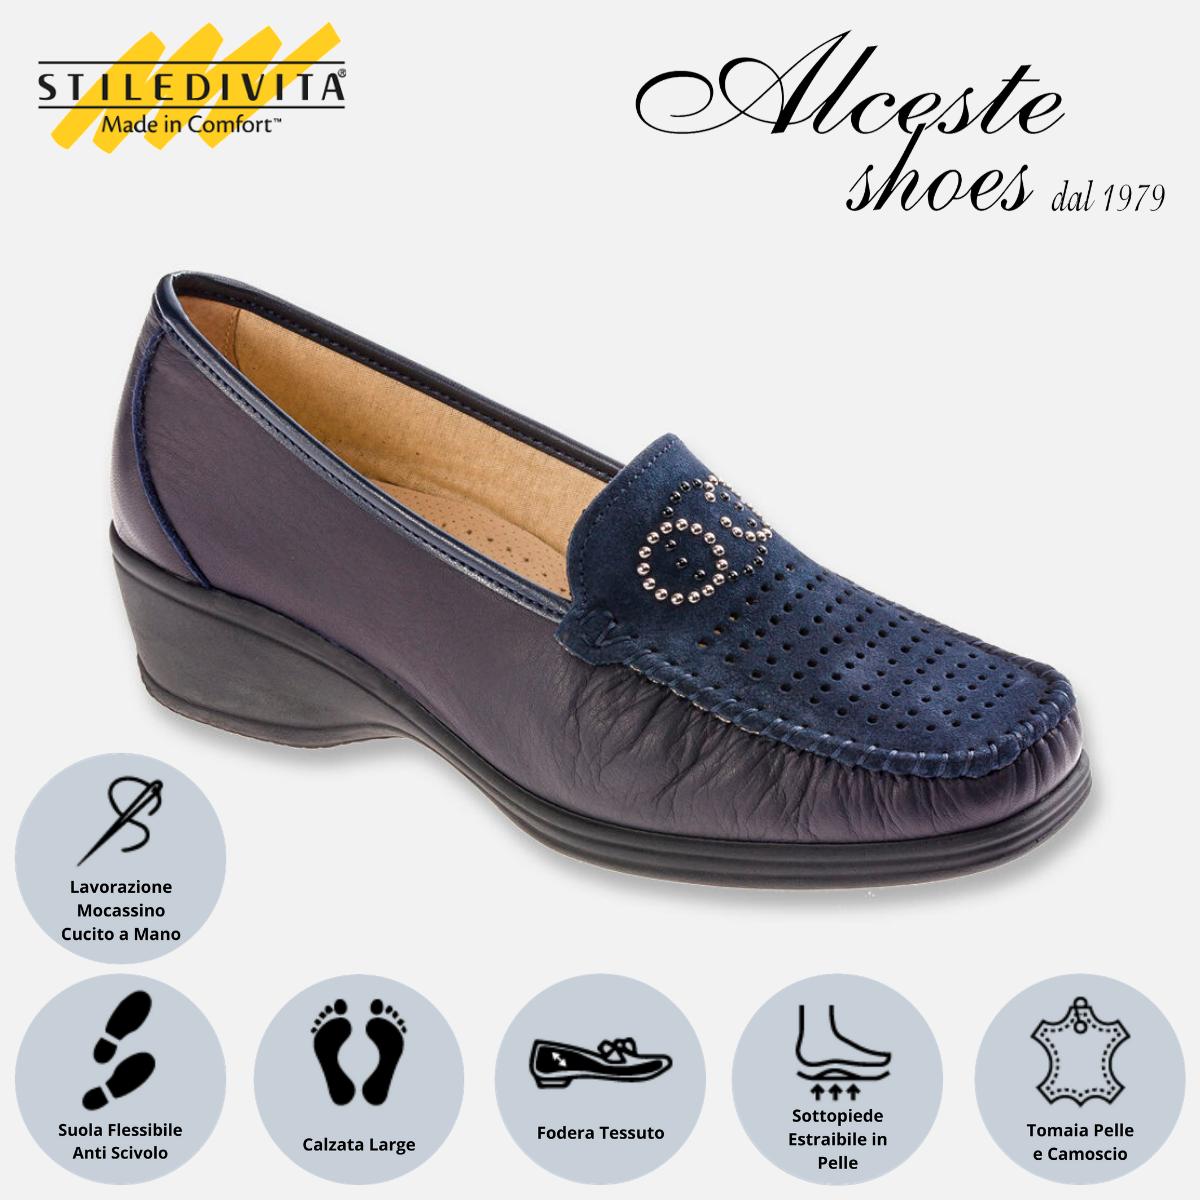 Mocassino Traforato Stiledivita Art. 7445 Pelle e Camoscio Blu Alceste Shoes 7445 Blu